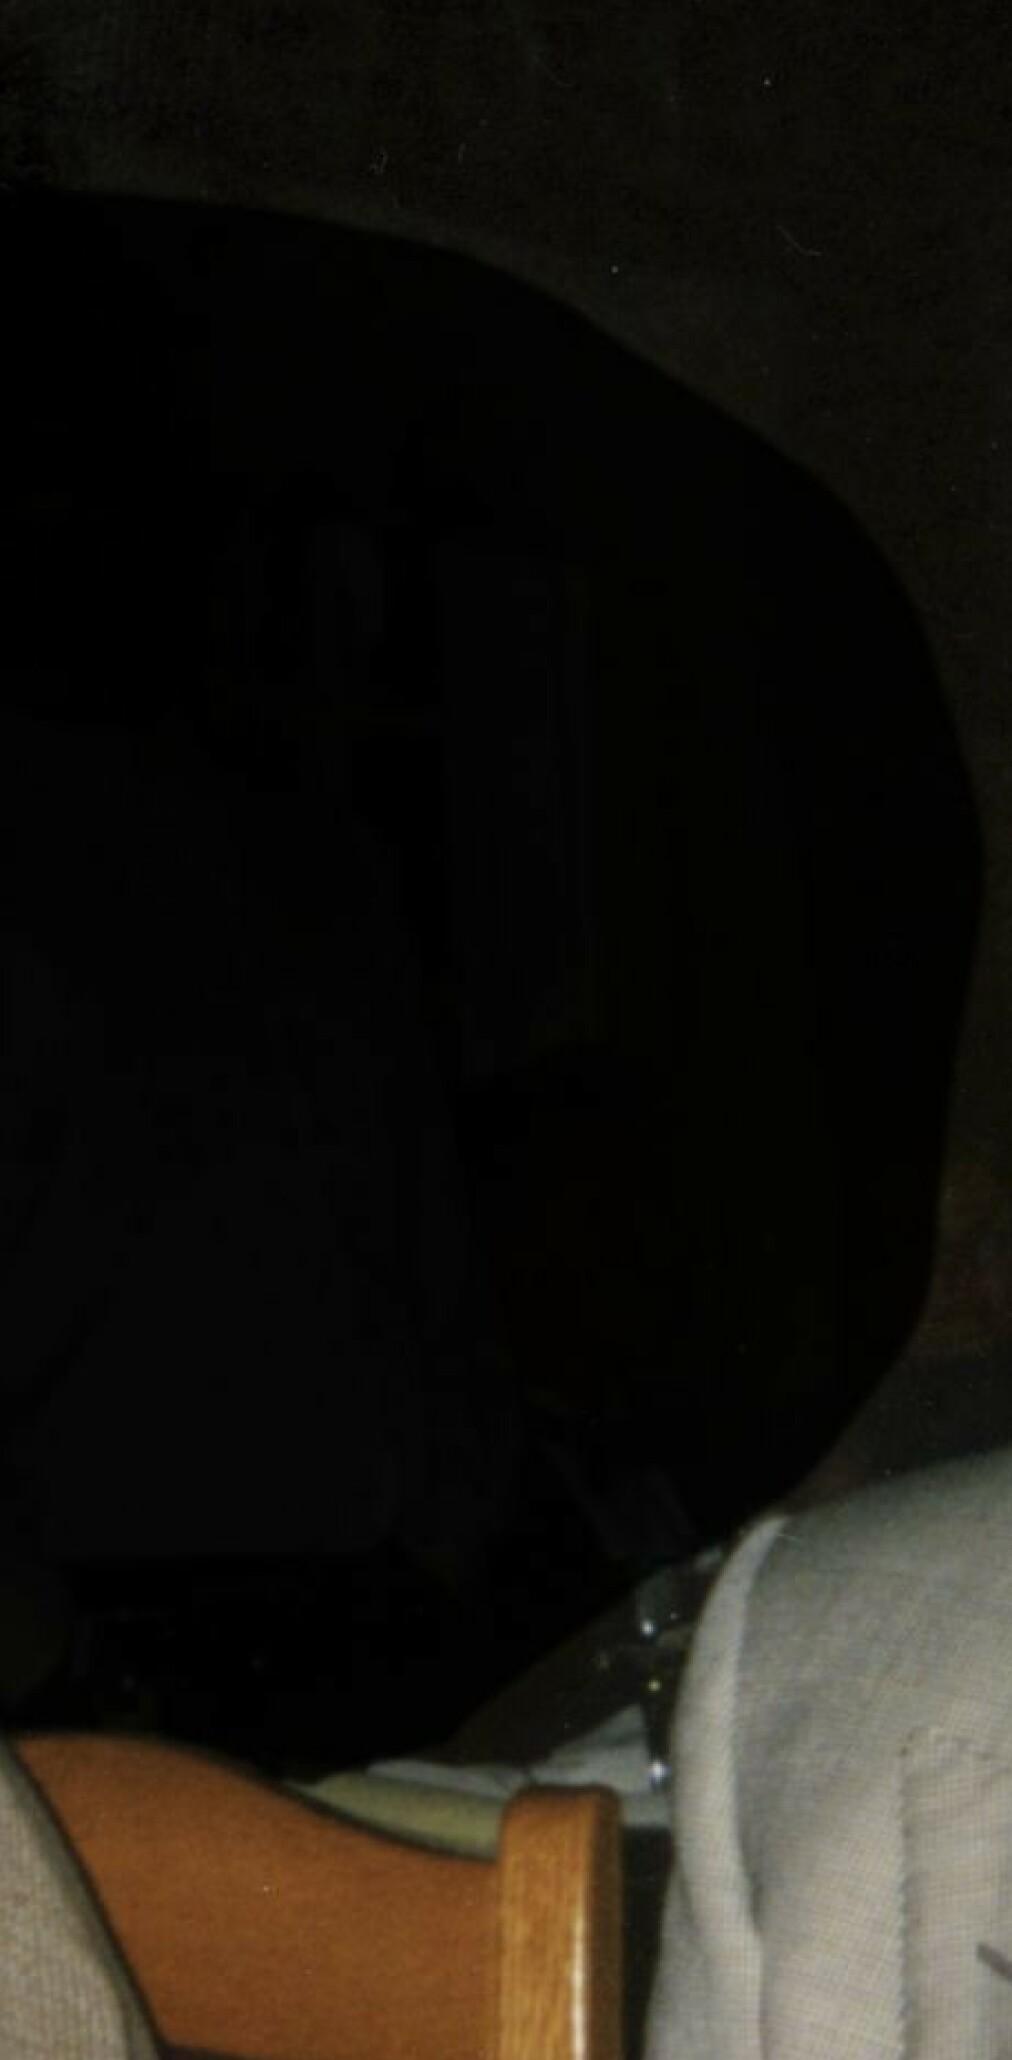 Tom Hagen sender e-poster til politiet: Prøver å finne svar